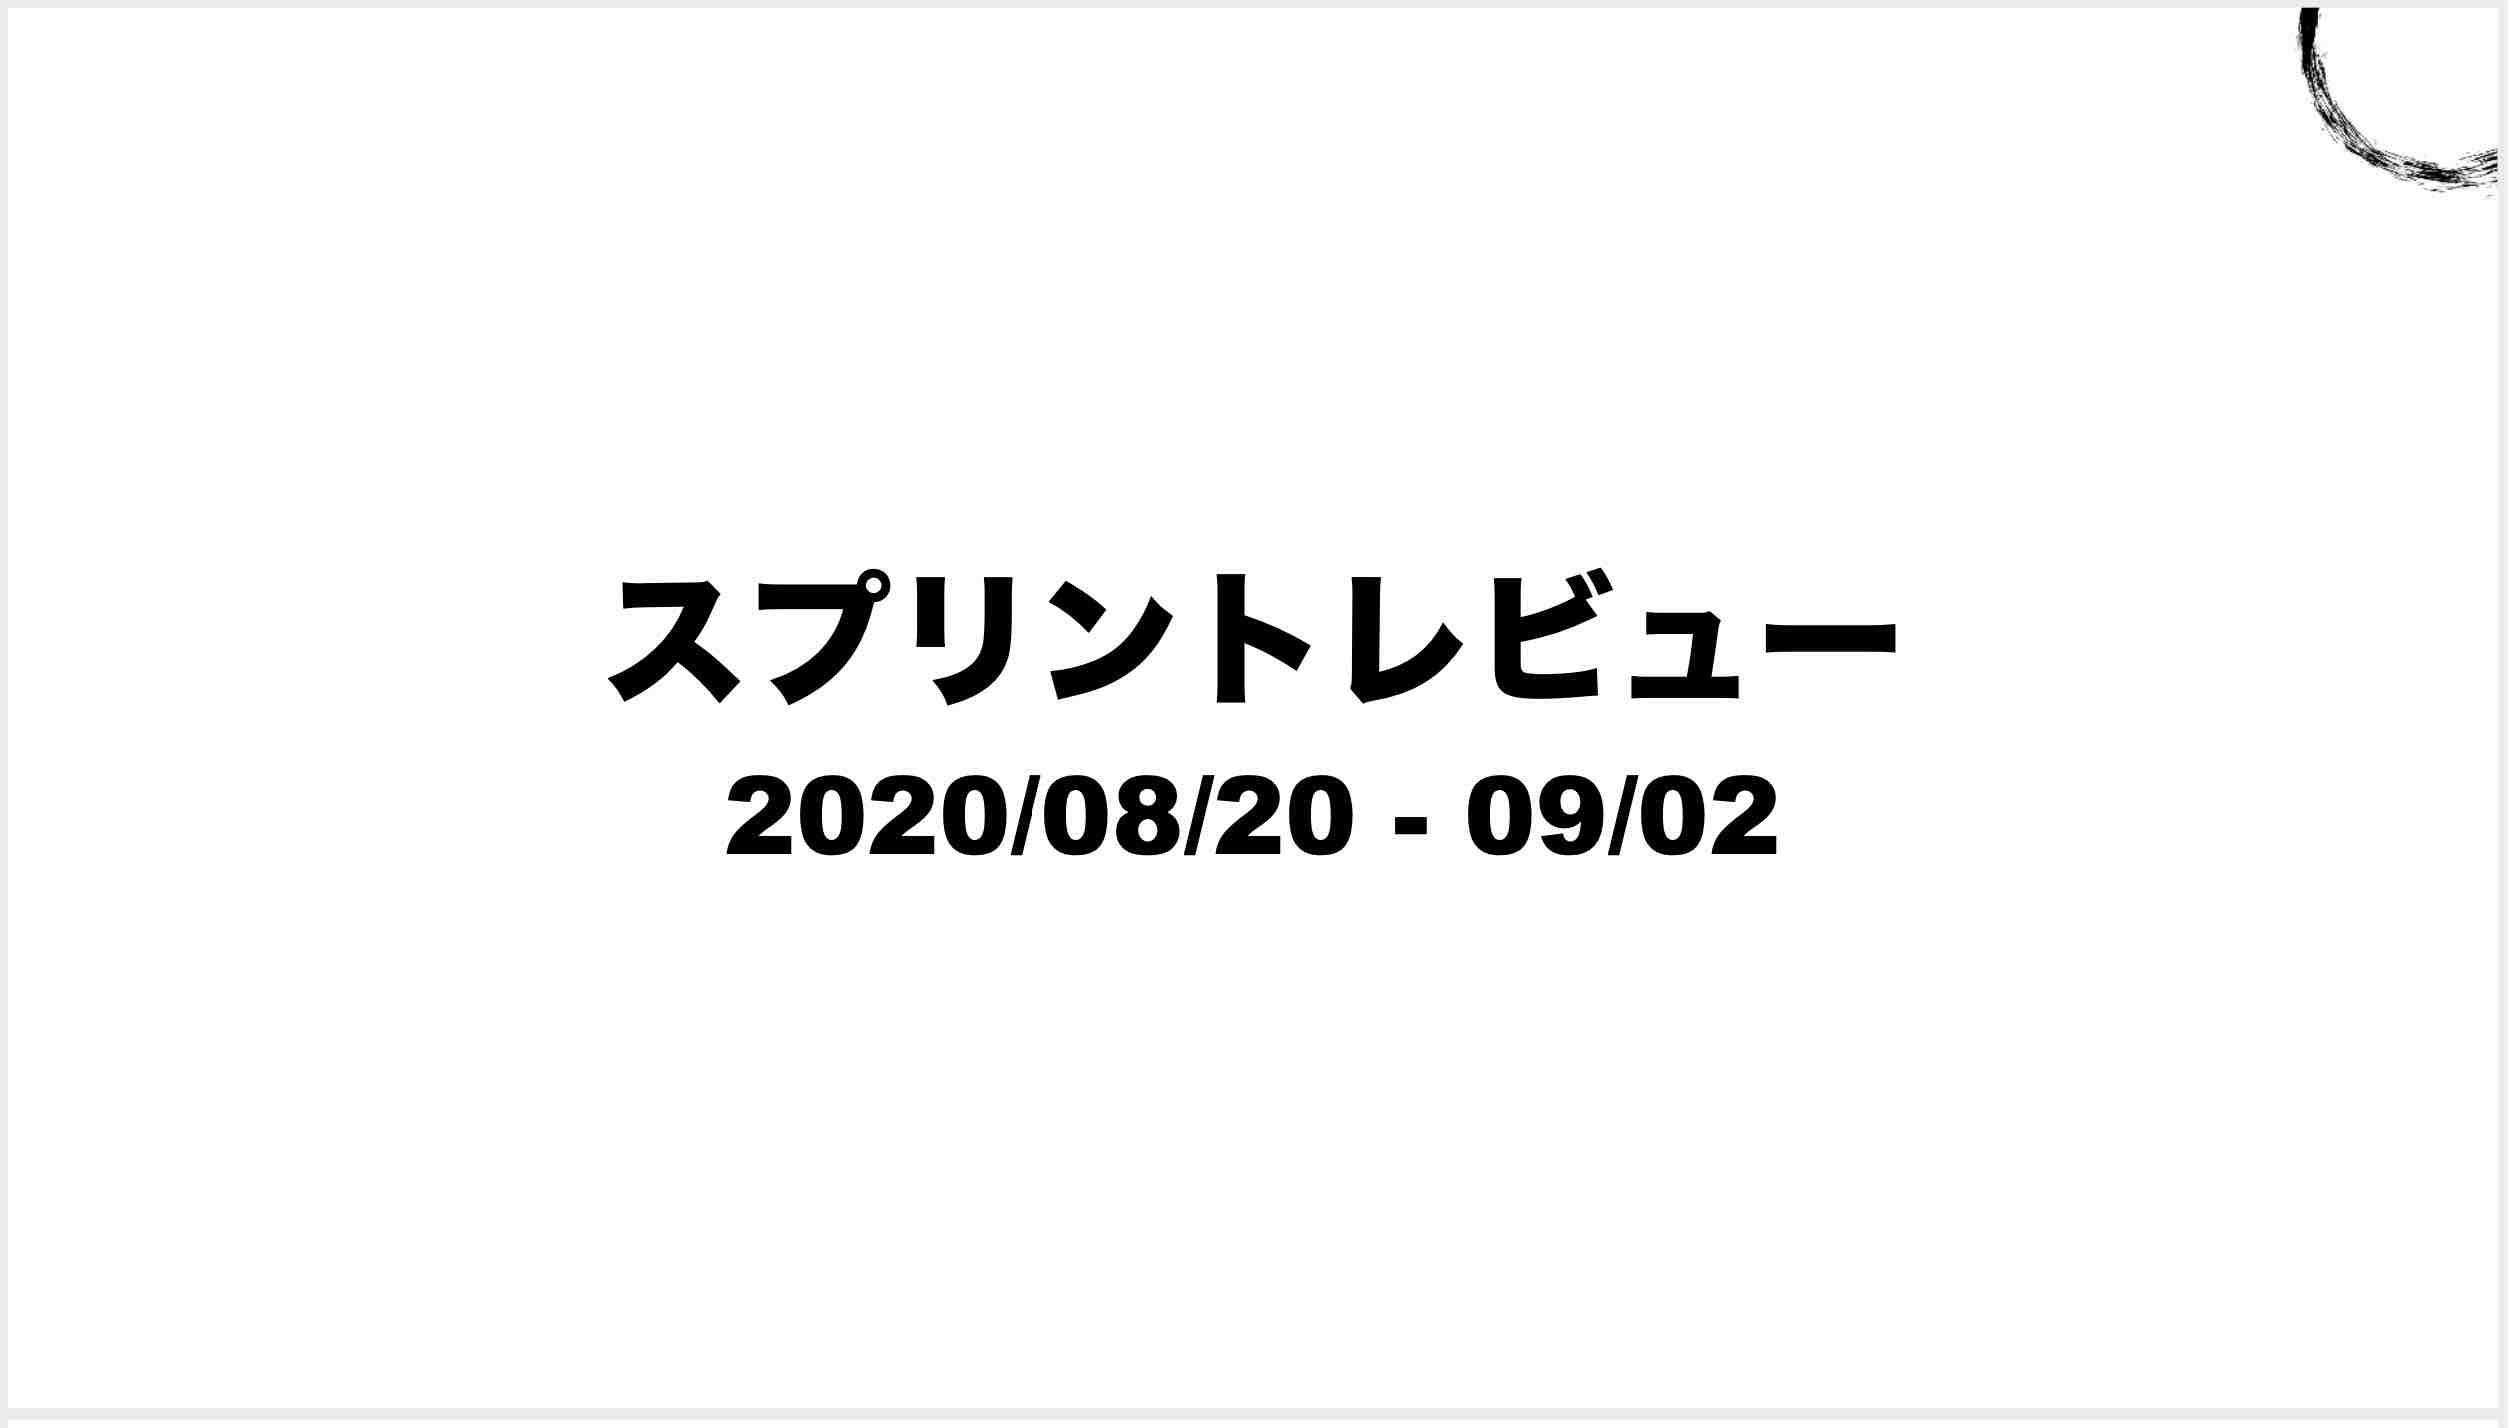 スクリーンショット 2020-12-17 21.11.07のコピー.jpg